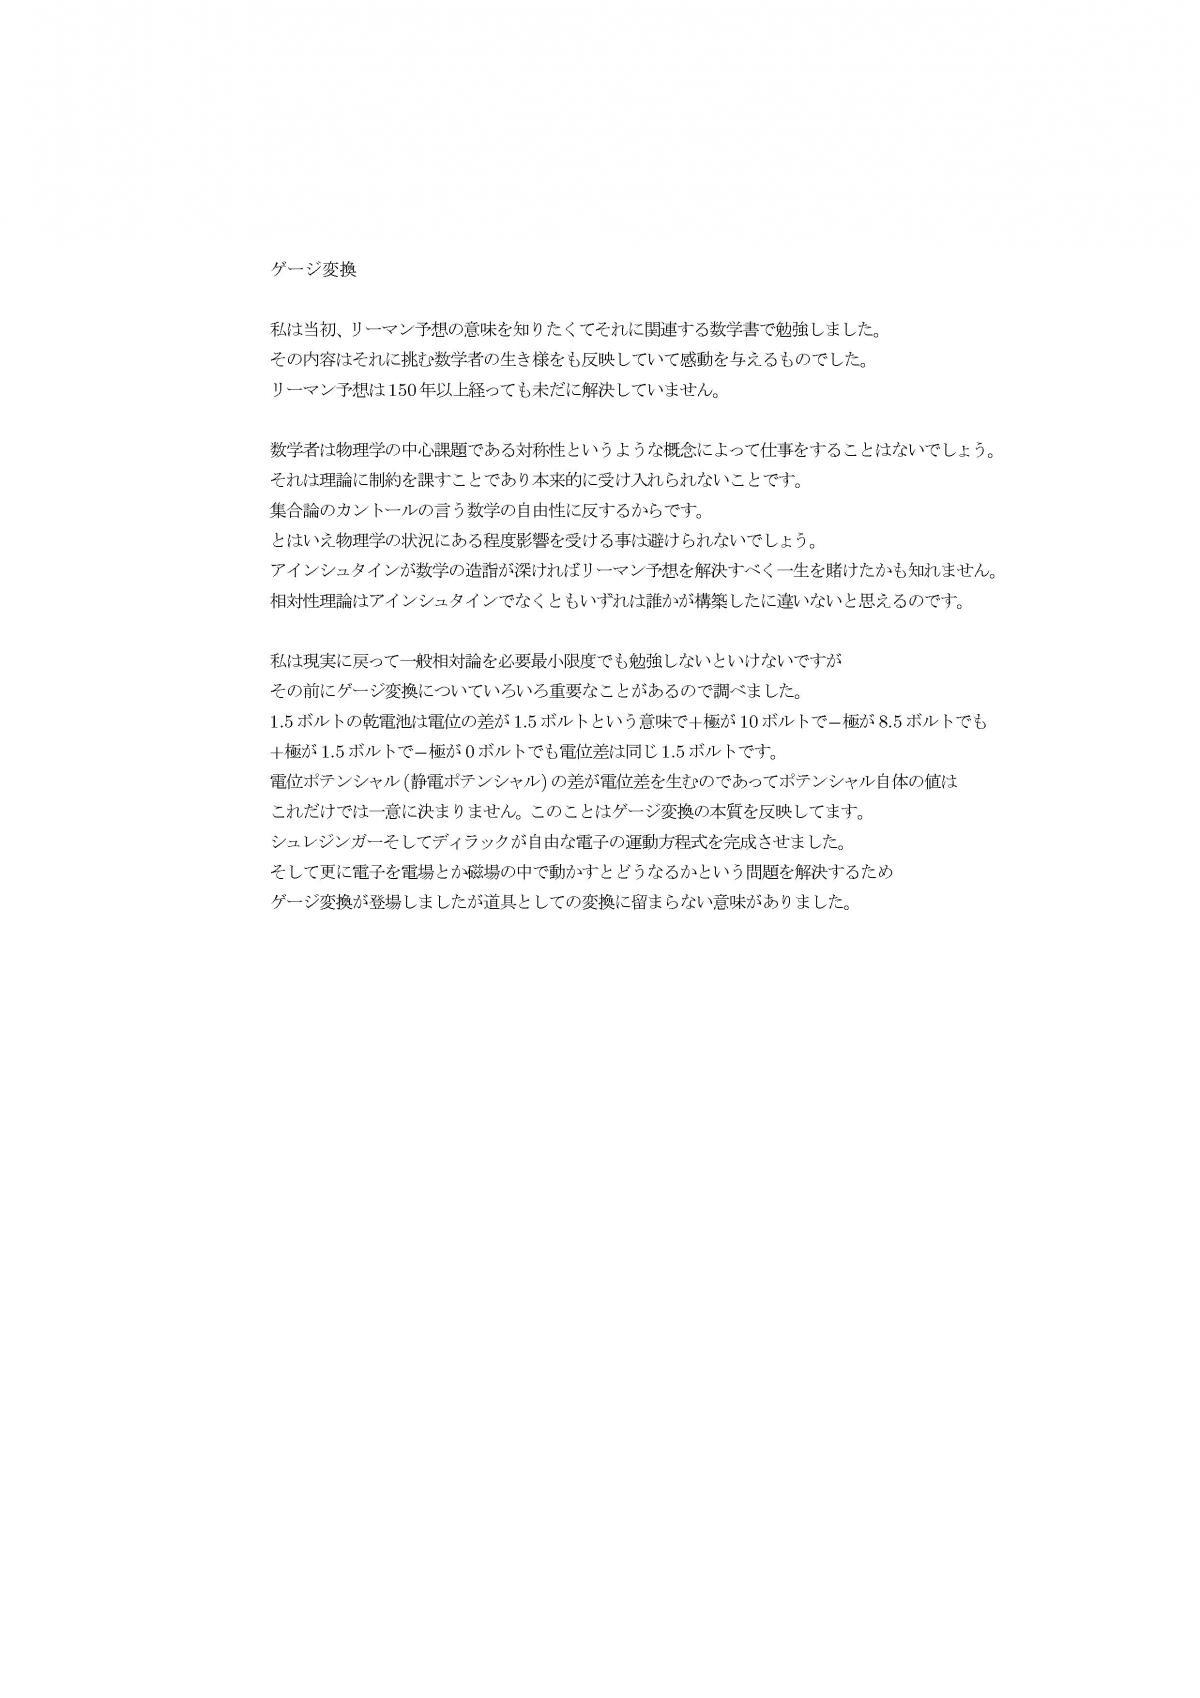 pgen08.jpg